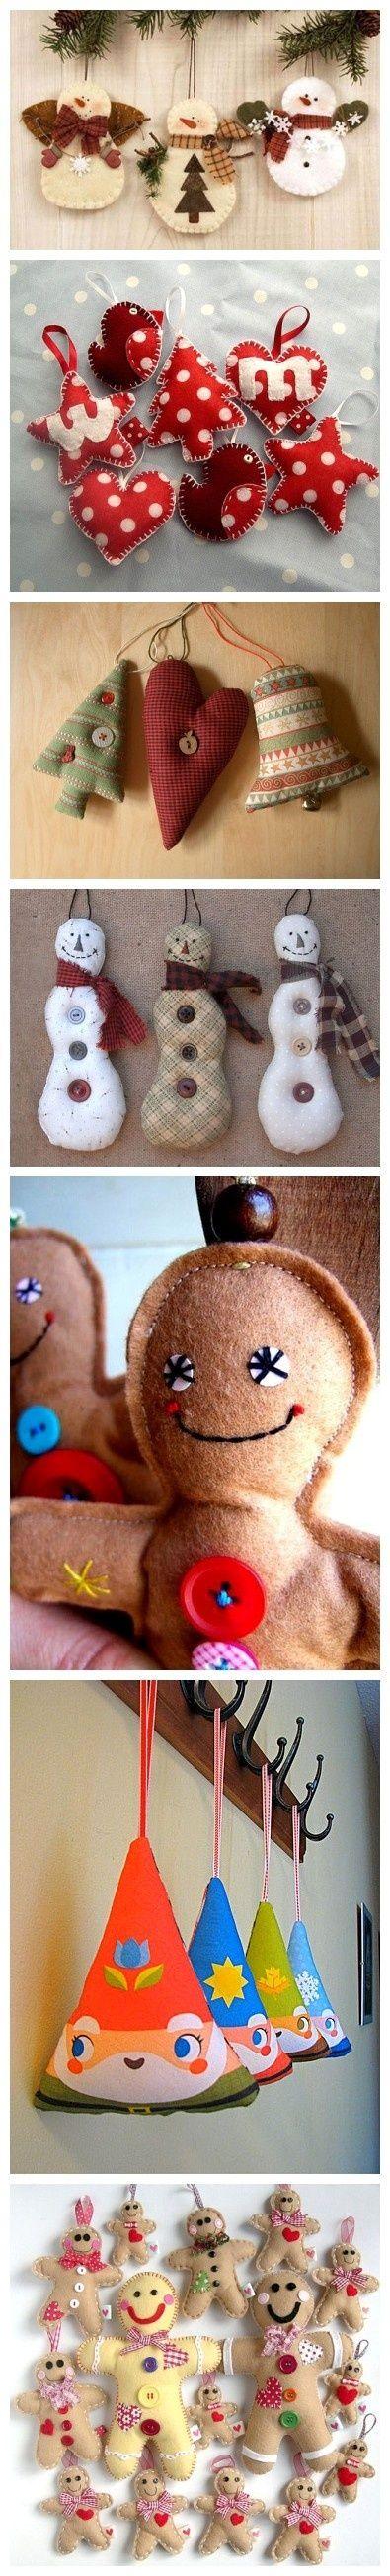 Muñeco de nieve y otros adornos para el árbol